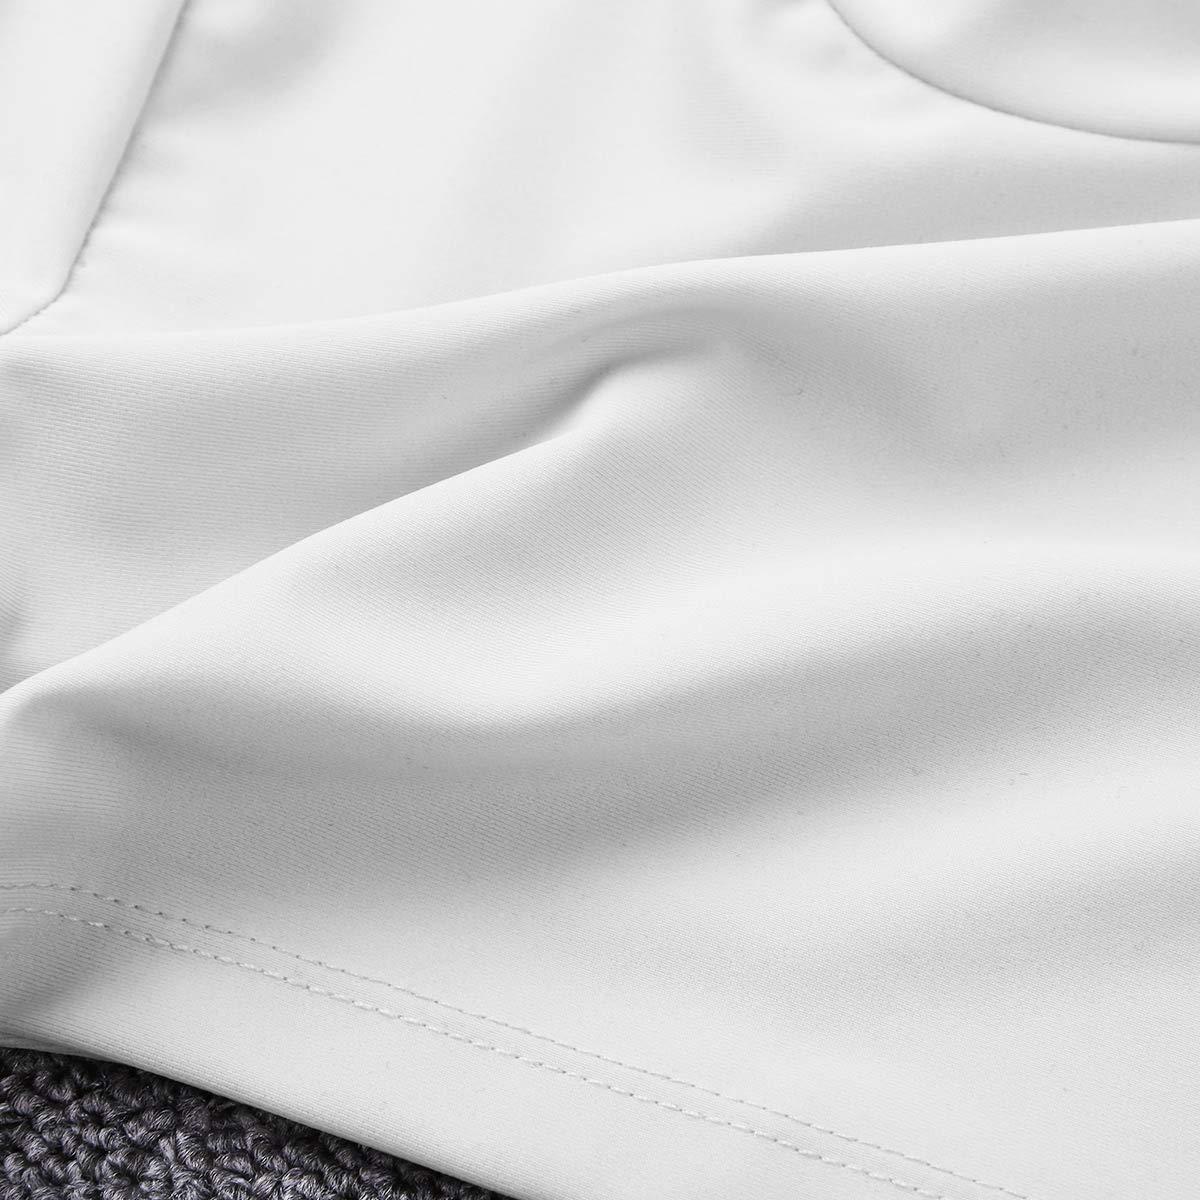 iixpin Camiseta de Manga Larga Ni/ña Cuello Alto Body El/ástico Ropa de Danza Fiesta B/ásico Crop Top Cuello Vuelto Ropa de Abrigo Traje de Baile Deporte Gimnasia Gym Fintess